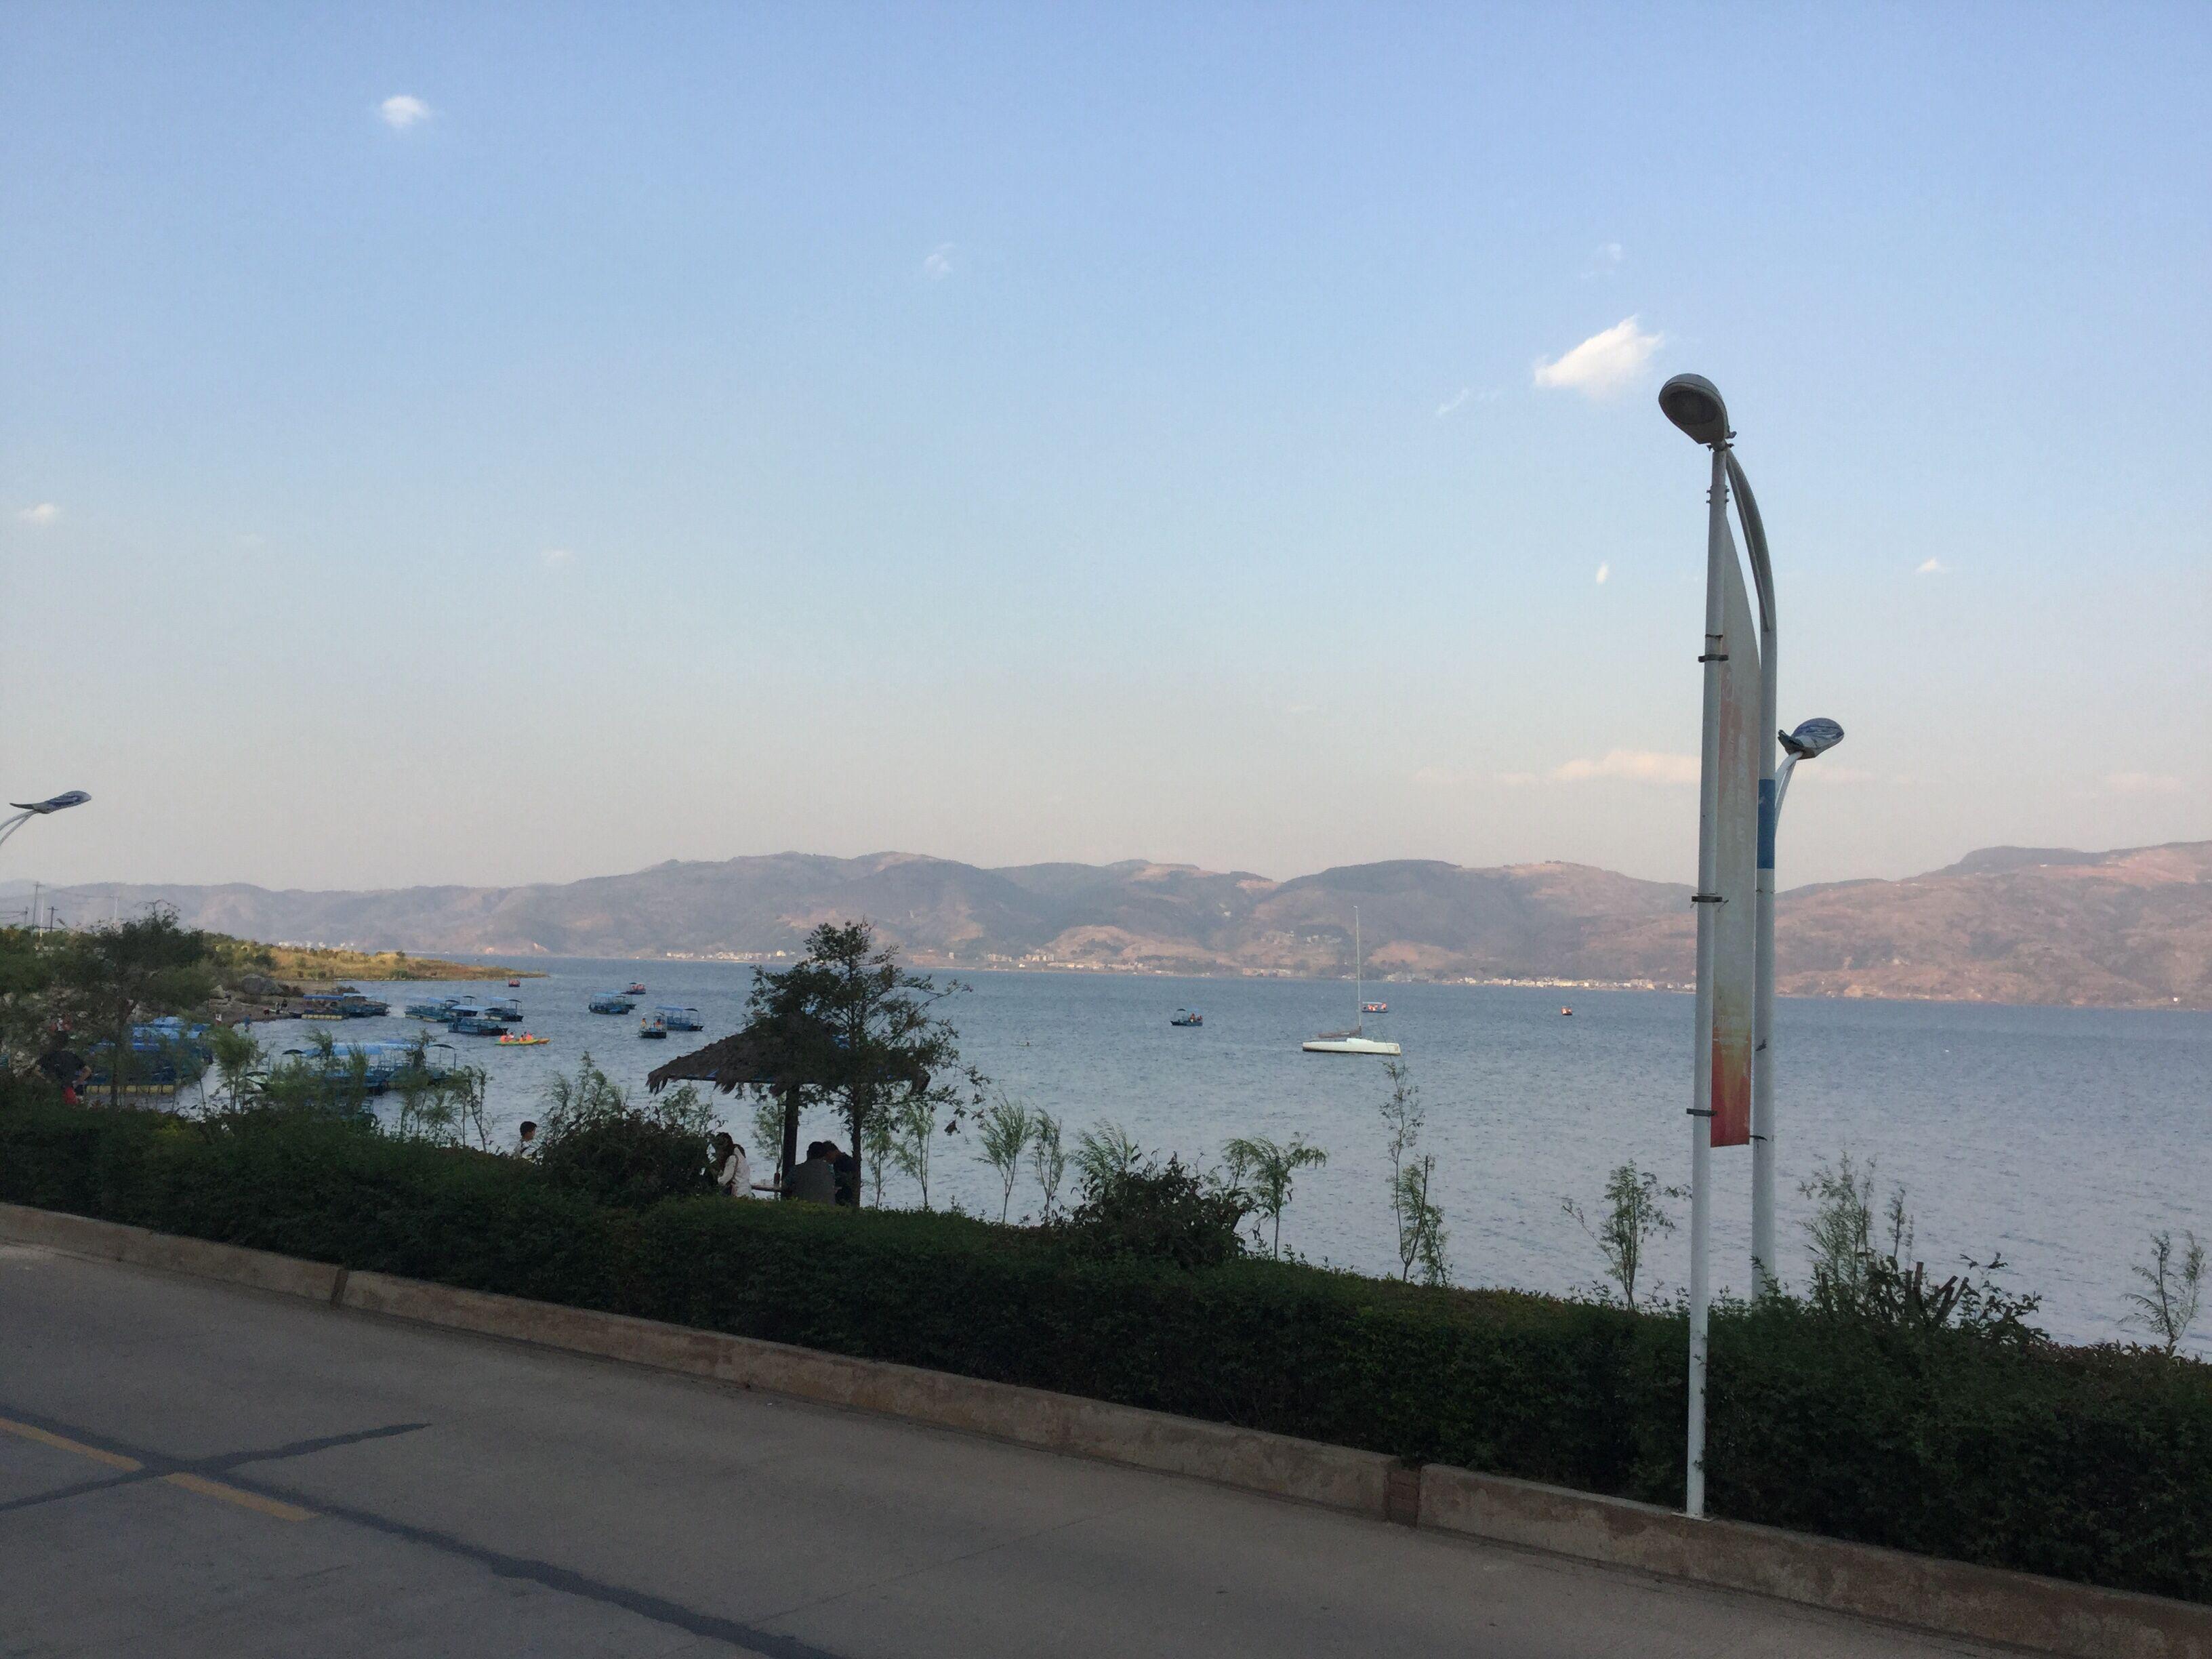 抚仙湖岸边用Ipad拍摄